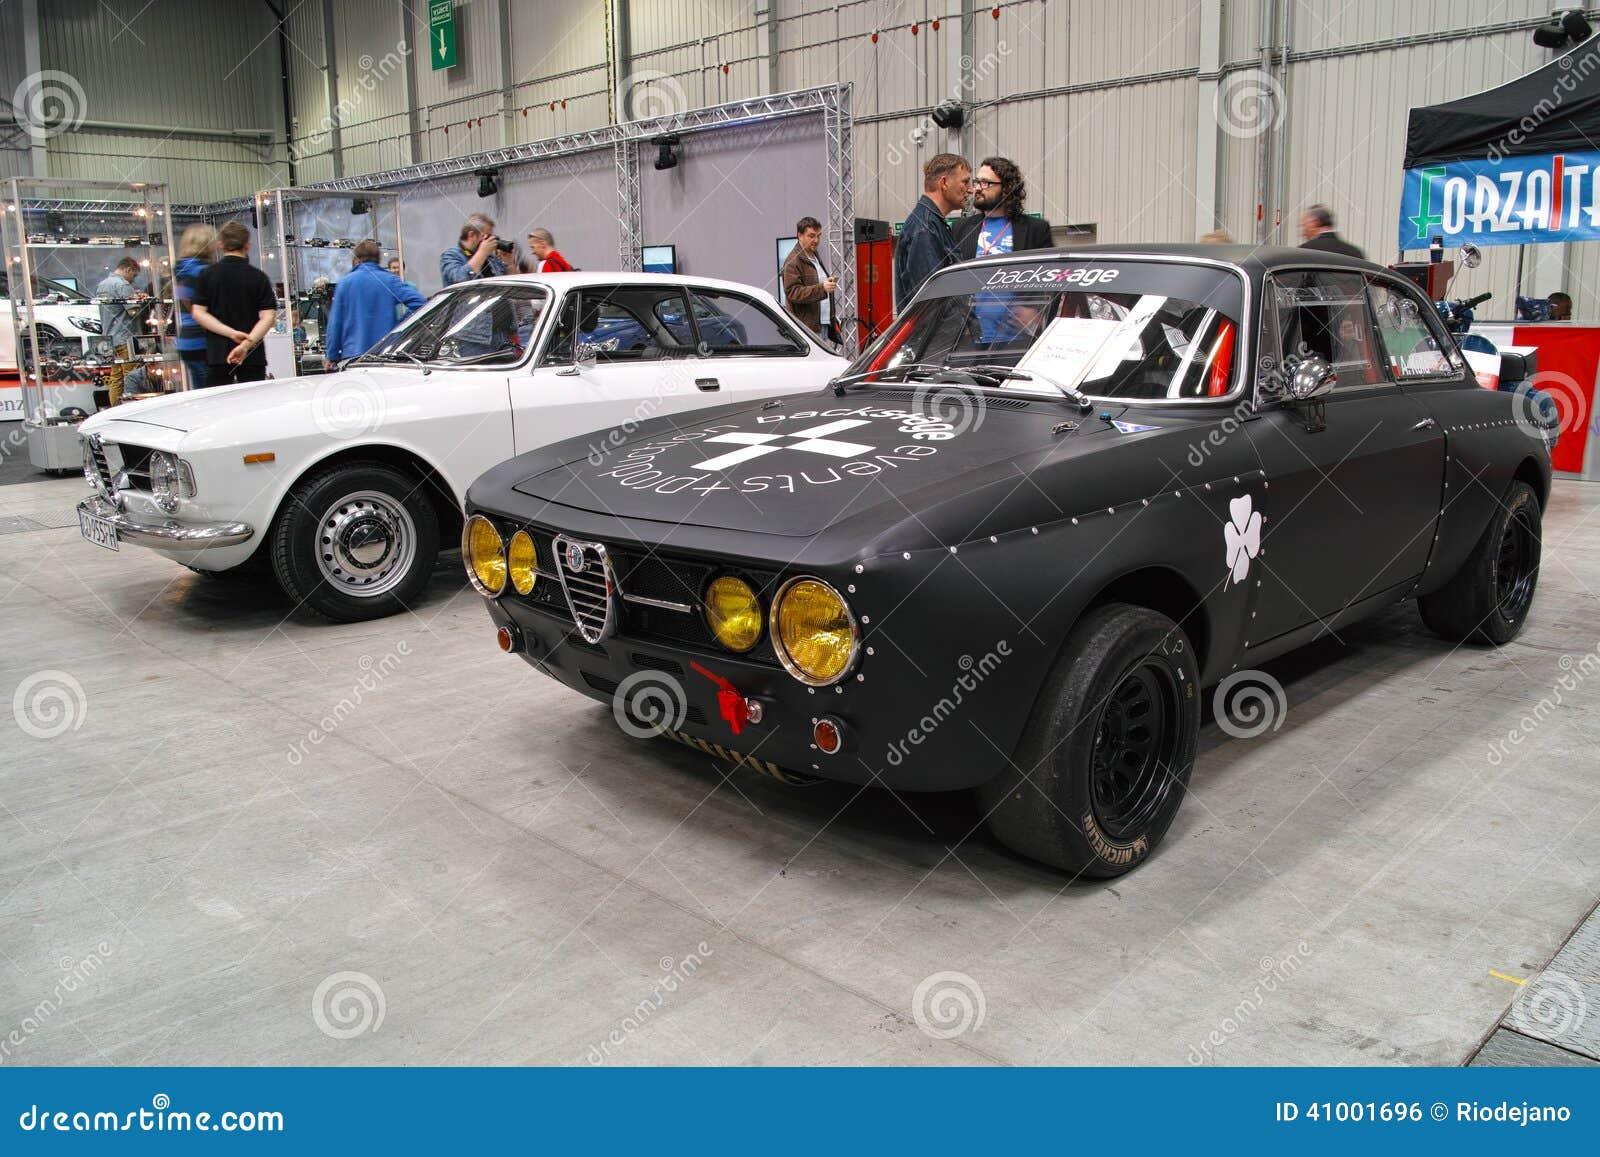 Classic Sports Car, Alfa Romeo Editorial Photo - Image of